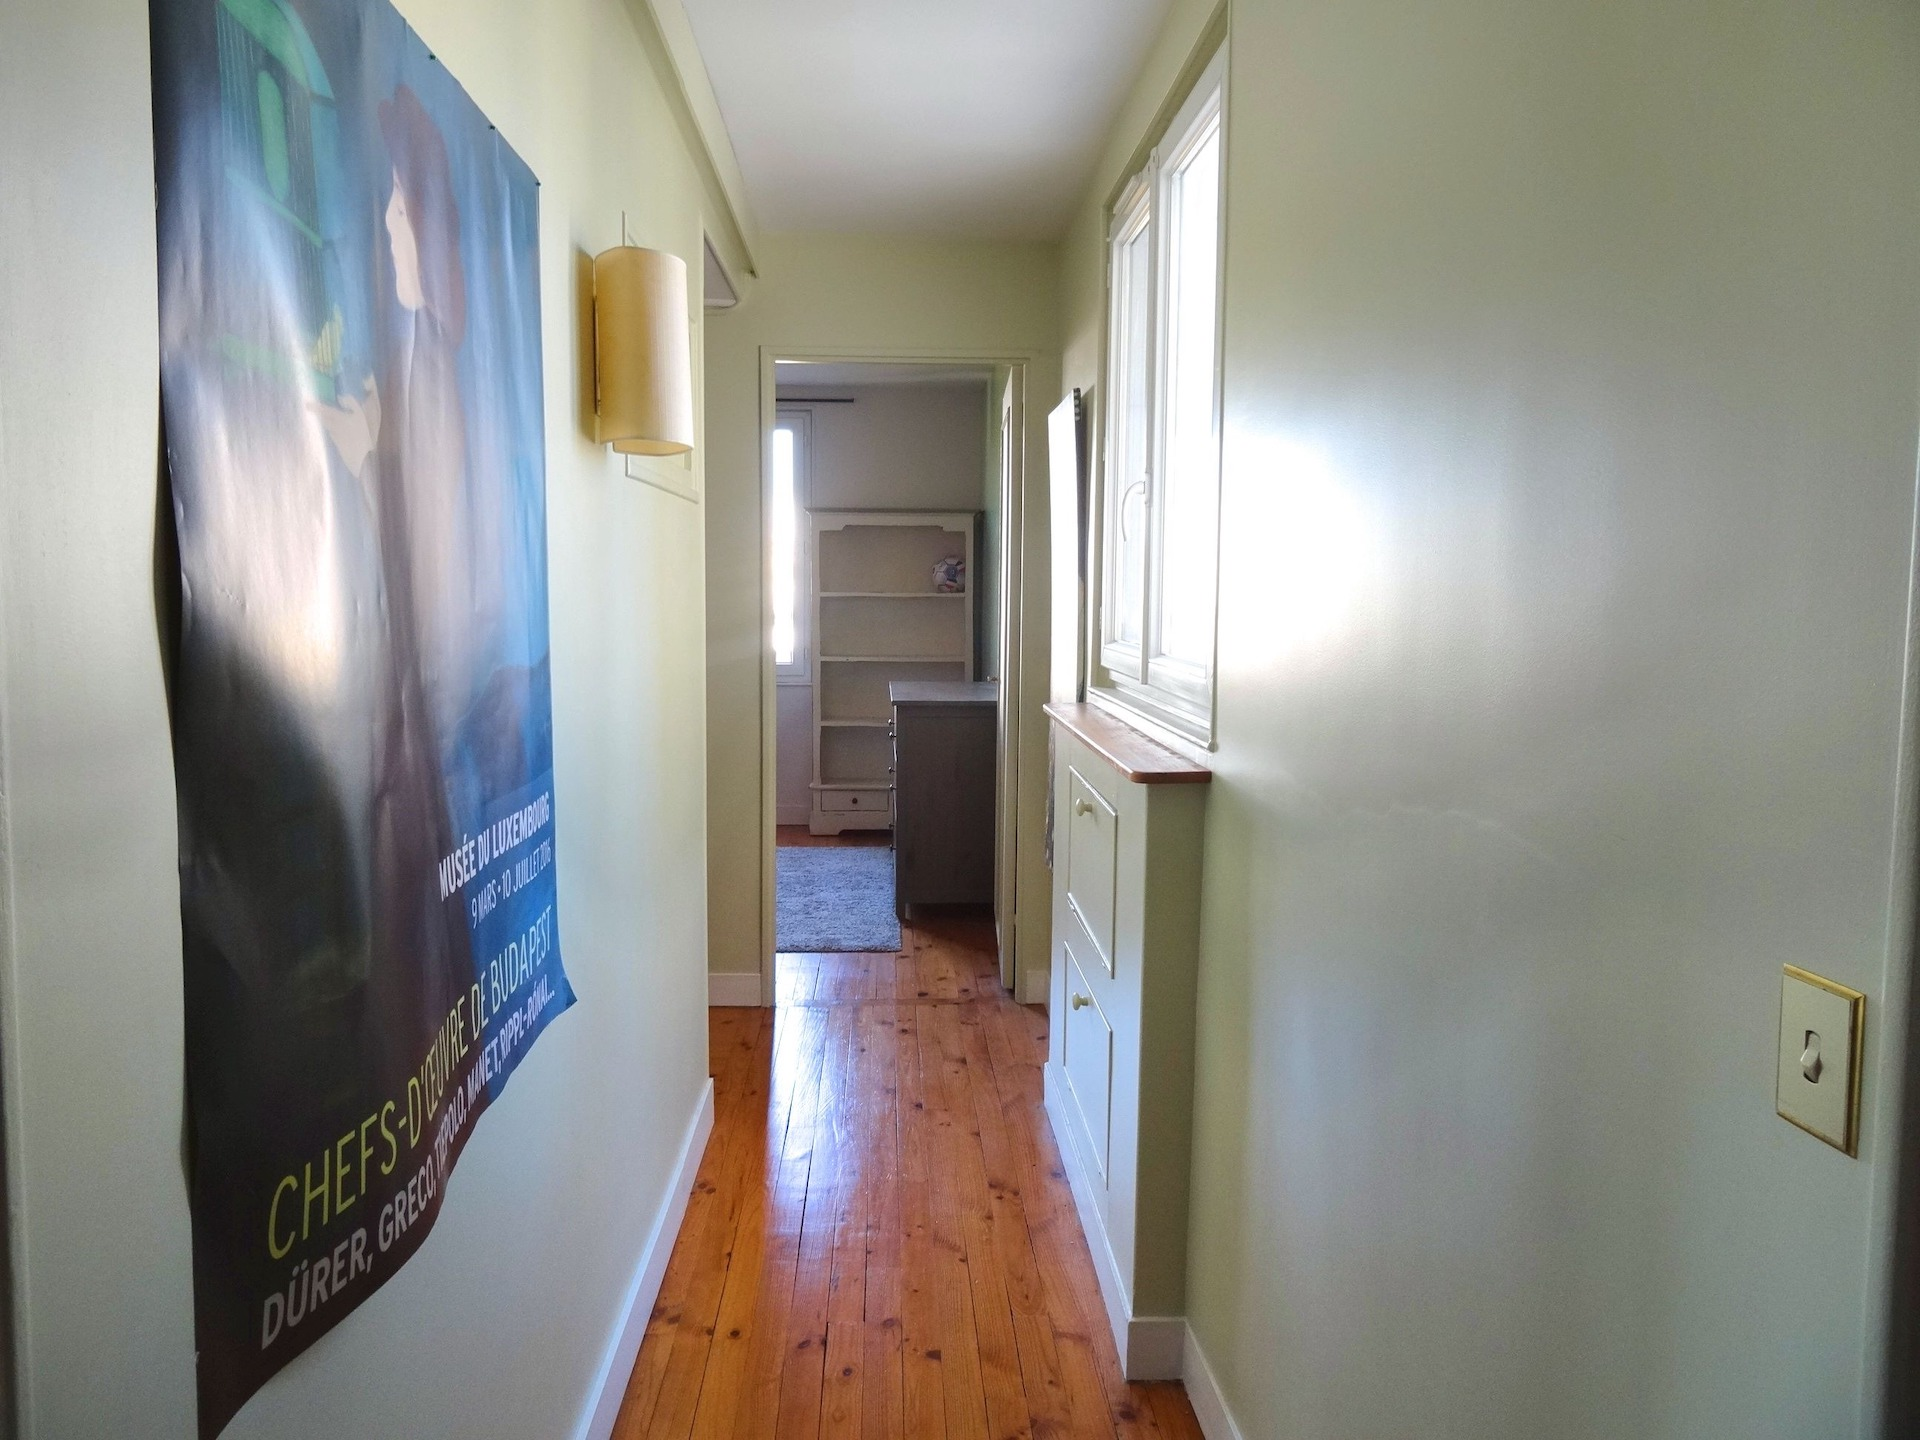 couloir-location-meublee-boulogne- la-clef-des-villes-agence-immobiliere-boulogne